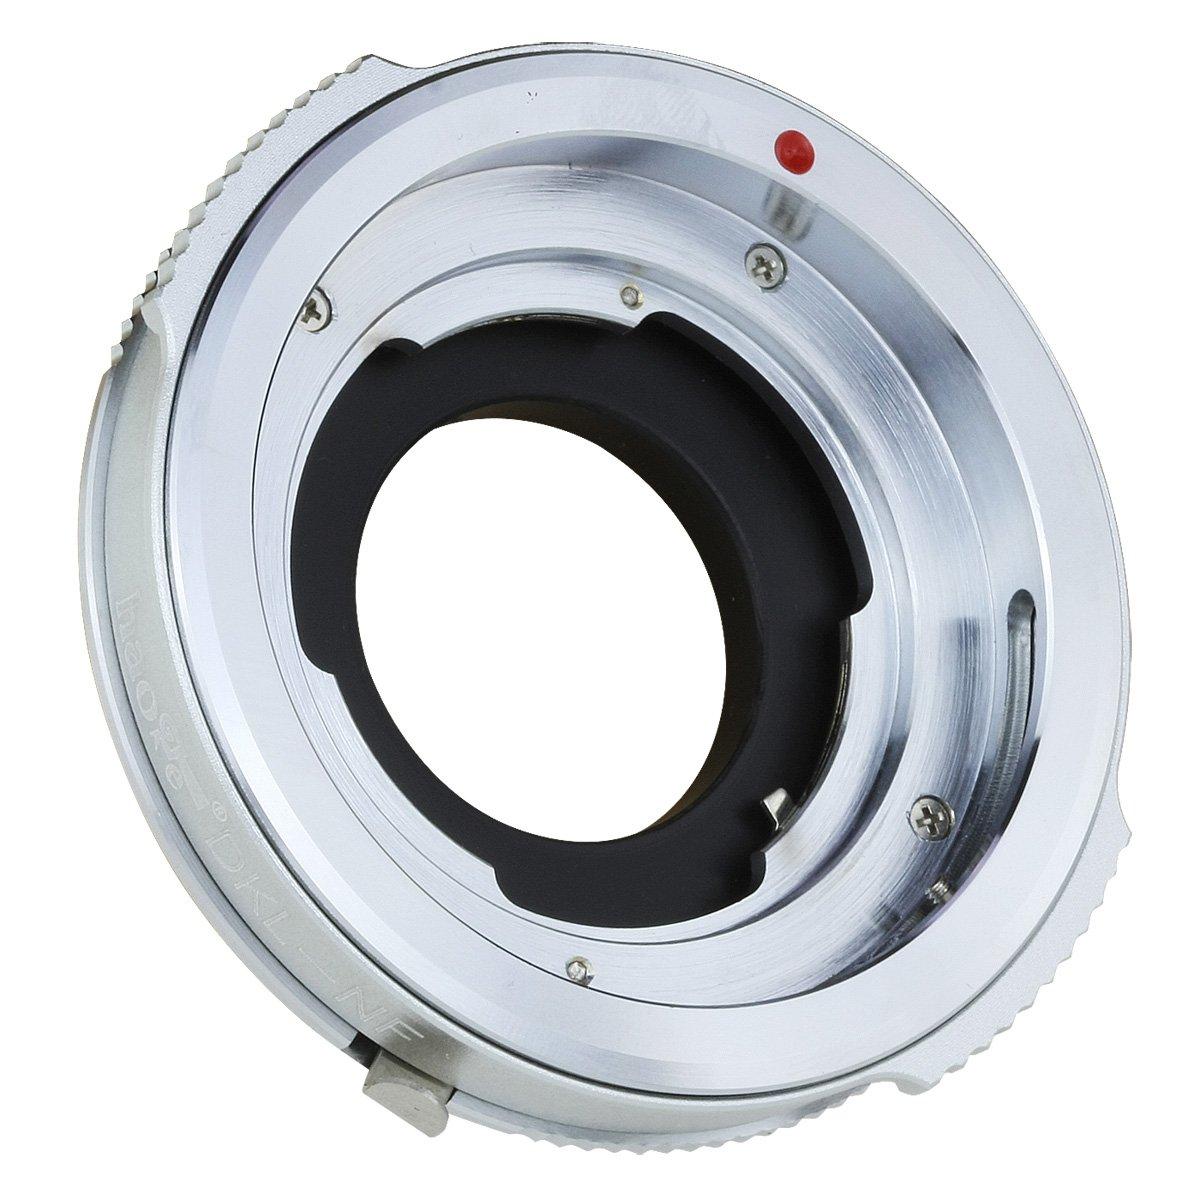 Haoge Lens Mount Adapter for Kodak Retina and Voigtlander Retina Deckel DKL mount Lens to Nikon F Mount D3400 D500 D5 D7200 D810A D300S D3000 D3X D90 D700 Camera